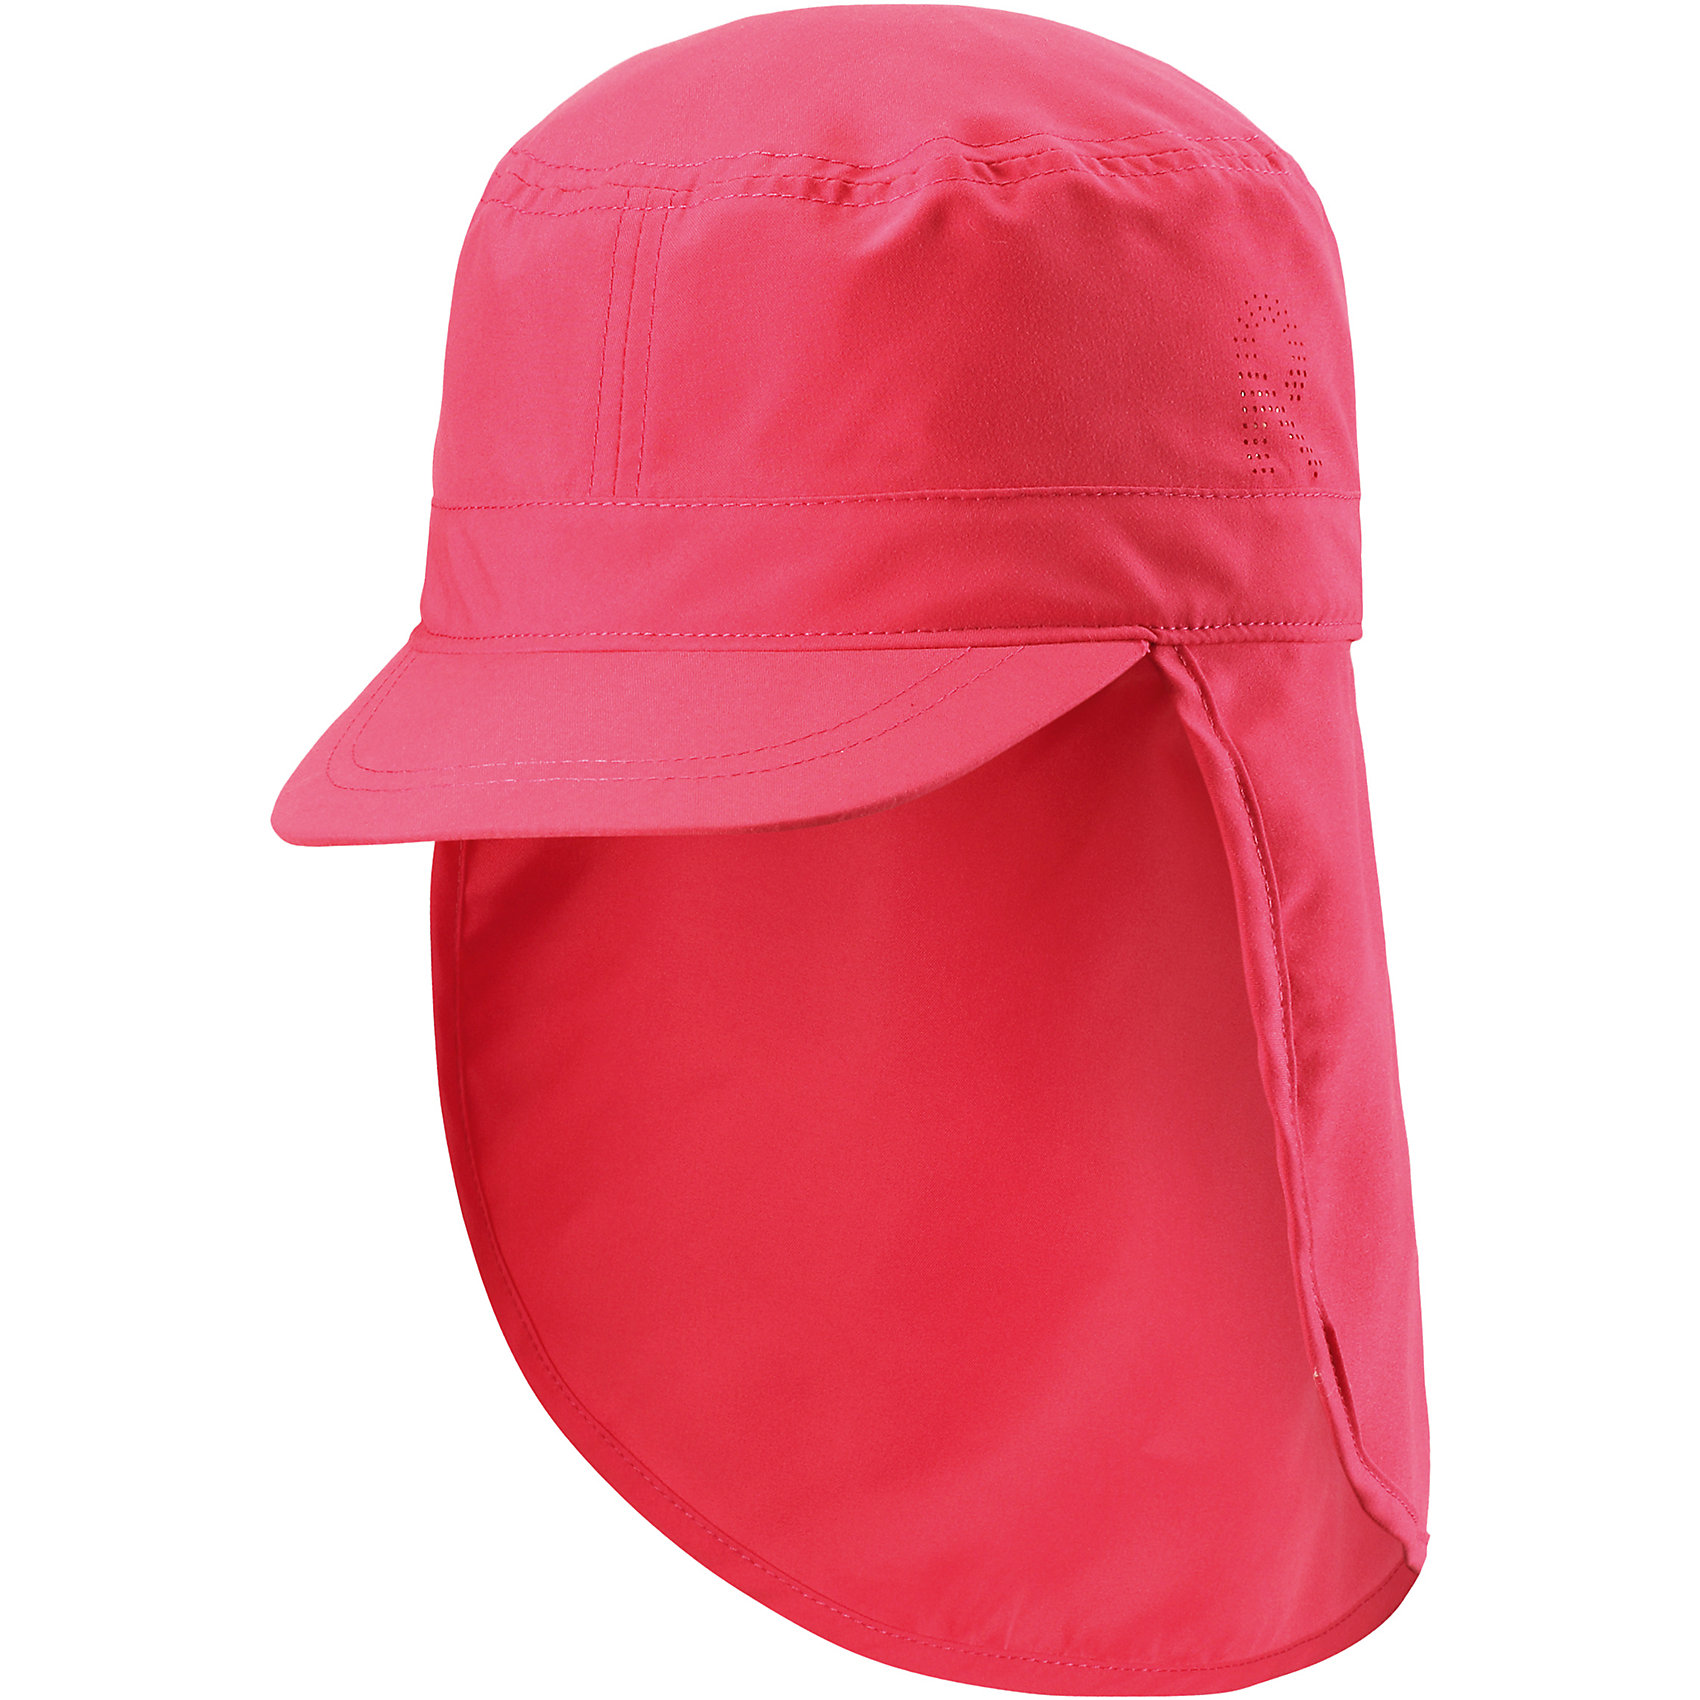 Панама для девочки ReimaШапки и шарфы<br>Характеристики товара:<br><br>• цвет: розовый<br>• состав: 100% полиэстер<br>• защитный козырек<br>• без подкладки<br>• удлиненная сзади<br>• декоративный логотип<br>• фактор защиты от ультрафиолета: 50+<br>• комфортная посадка<br>• страна производства: Китай<br>• страна бренда: Финляндия<br>• коллекция: весна-лето 2017<br><br>Детский головной убор может быть модным и удобным одновременно! Стильная панама поможет обеспечить ребенку комфорт и дополнить наряд. Она отлично смотрится с различной одеждой. Панама удобно сидит и аккуратно выглядит. Проста в уходе, долго служит. Стильный дизайн разрабатывался специально для детей. Отличная защита от солнца!<br><br>Одежда и обувь от финского бренда Reima пользуется популярностью во многих странах. Эти изделия стильные, качественные и удобные. Для производства продукции используются только безопасные, проверенные материалы и фурнитура. Порадуйте ребенка модными и красивыми вещами от Reima! <br><br>Панаму для мальчика от финского бренда Reima (Рейма) можно купить в нашем интернет-магазине.<br><br>Ширина мм: 89<br>Глубина мм: 117<br>Высота мм: 44<br>Вес г: 155<br>Цвет: розовый<br>Возраст от месяцев: 48<br>Возраст до месяцев: 84<br>Пол: Женский<br>Возраст: Детский<br>Размер: 54,48,56,52,50<br>SKU: 5267760